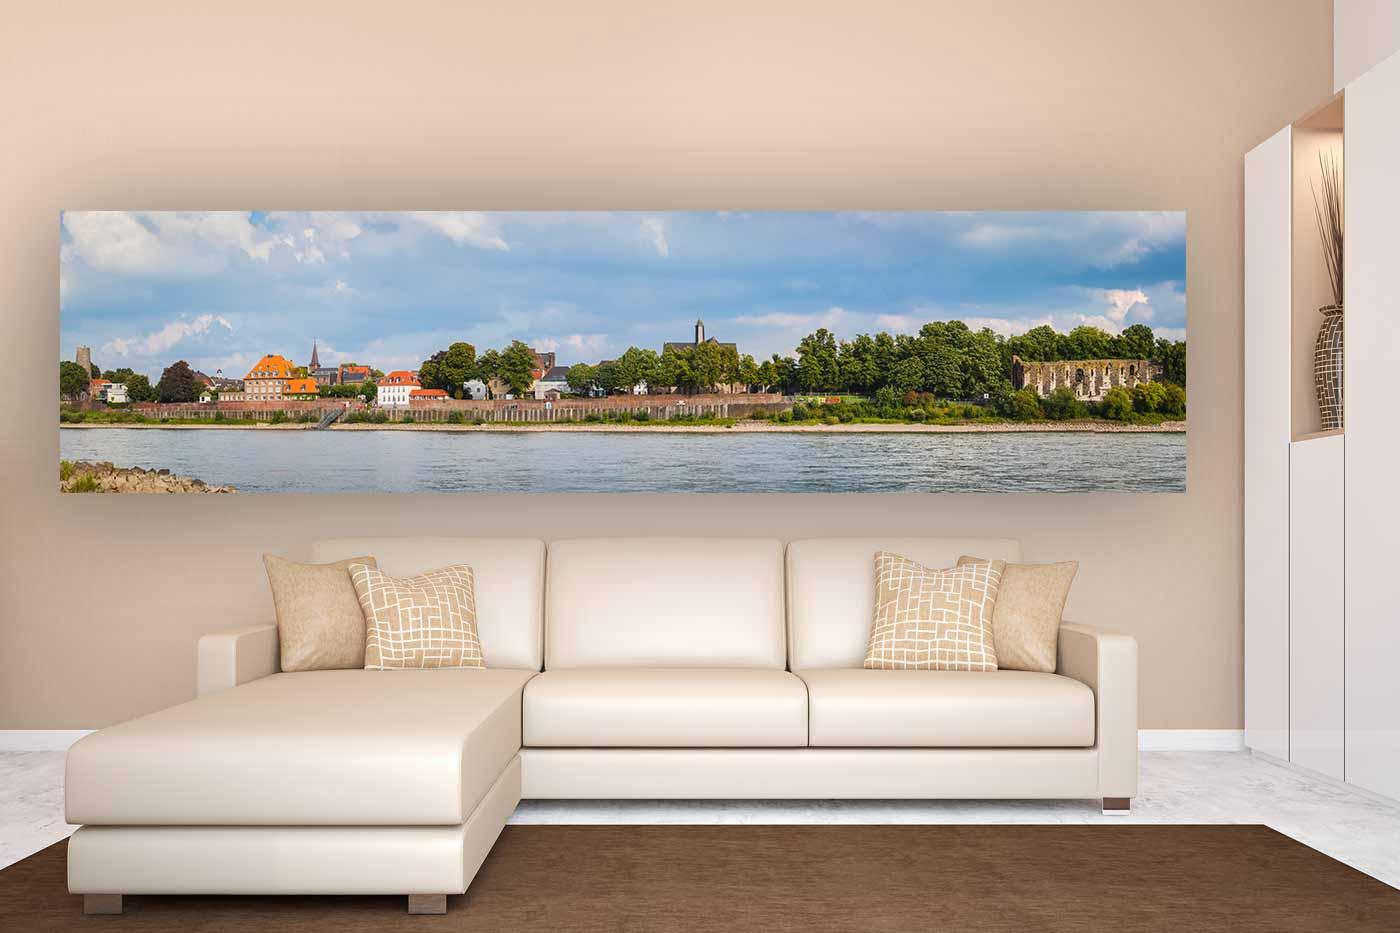 d sseldorf kaiserswerth panorama bilder kaiserpfalz und rhein. Black Bedroom Furniture Sets. Home Design Ideas